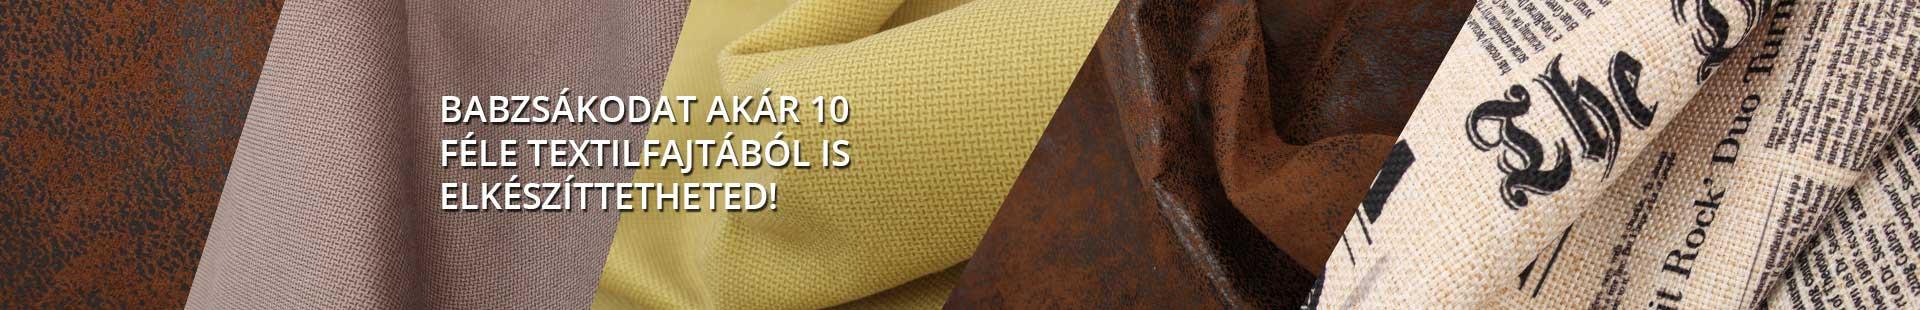 Babzsákodat akár 10 féle textilfajtából is elkészíttetheted!